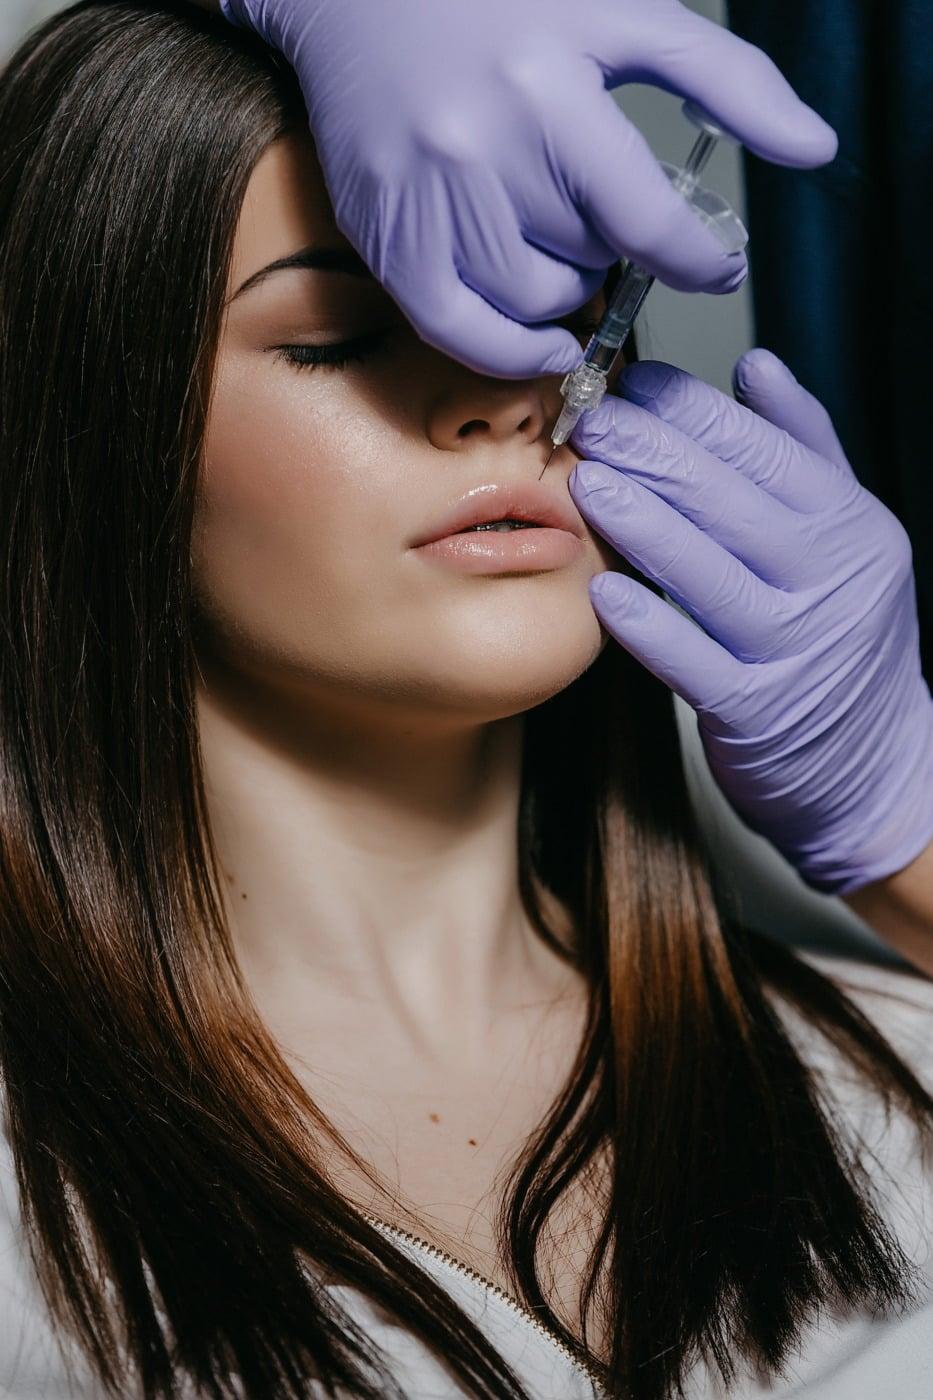 anestesia, kädet, upea, kosmetiikka, nätti tyttö, kasvot, Kosmetologi, iho, käsineet, pää